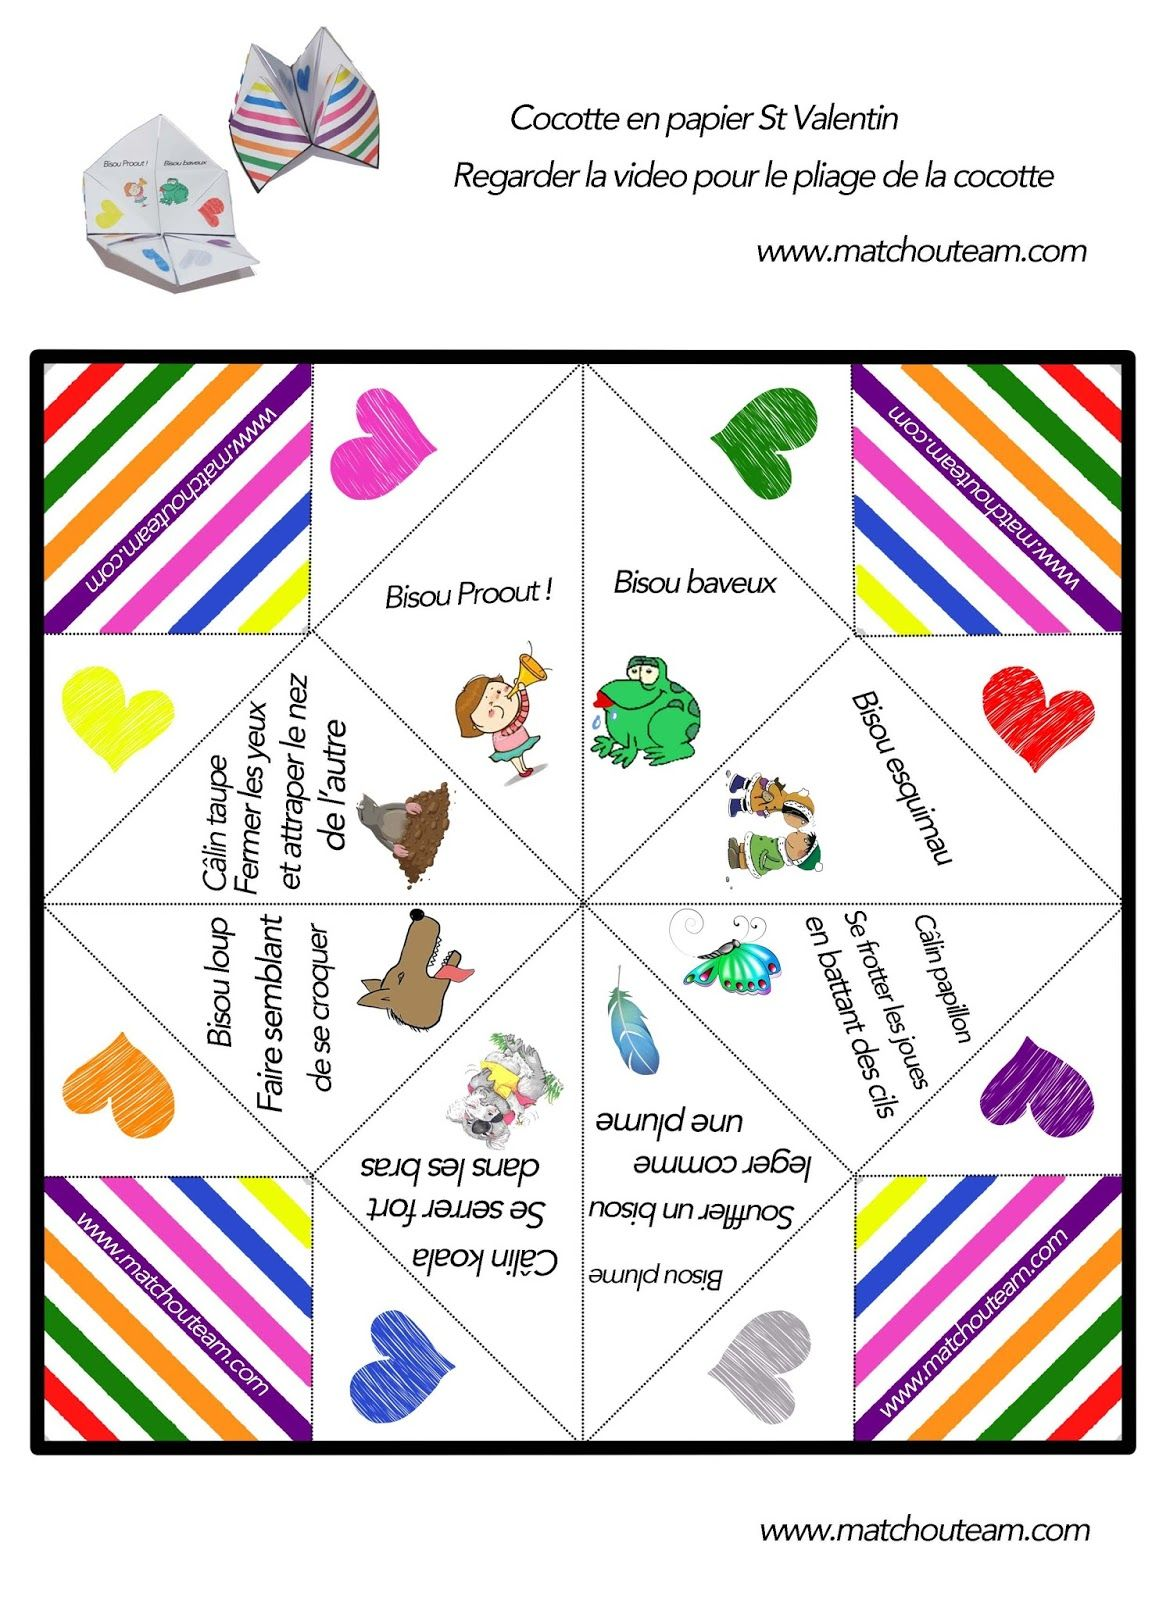 Comment Faire Un Pouet Pouet : comment, faire, pouet, Idées, Cocottes, Papier, Cocotte, Papier,, Cocote